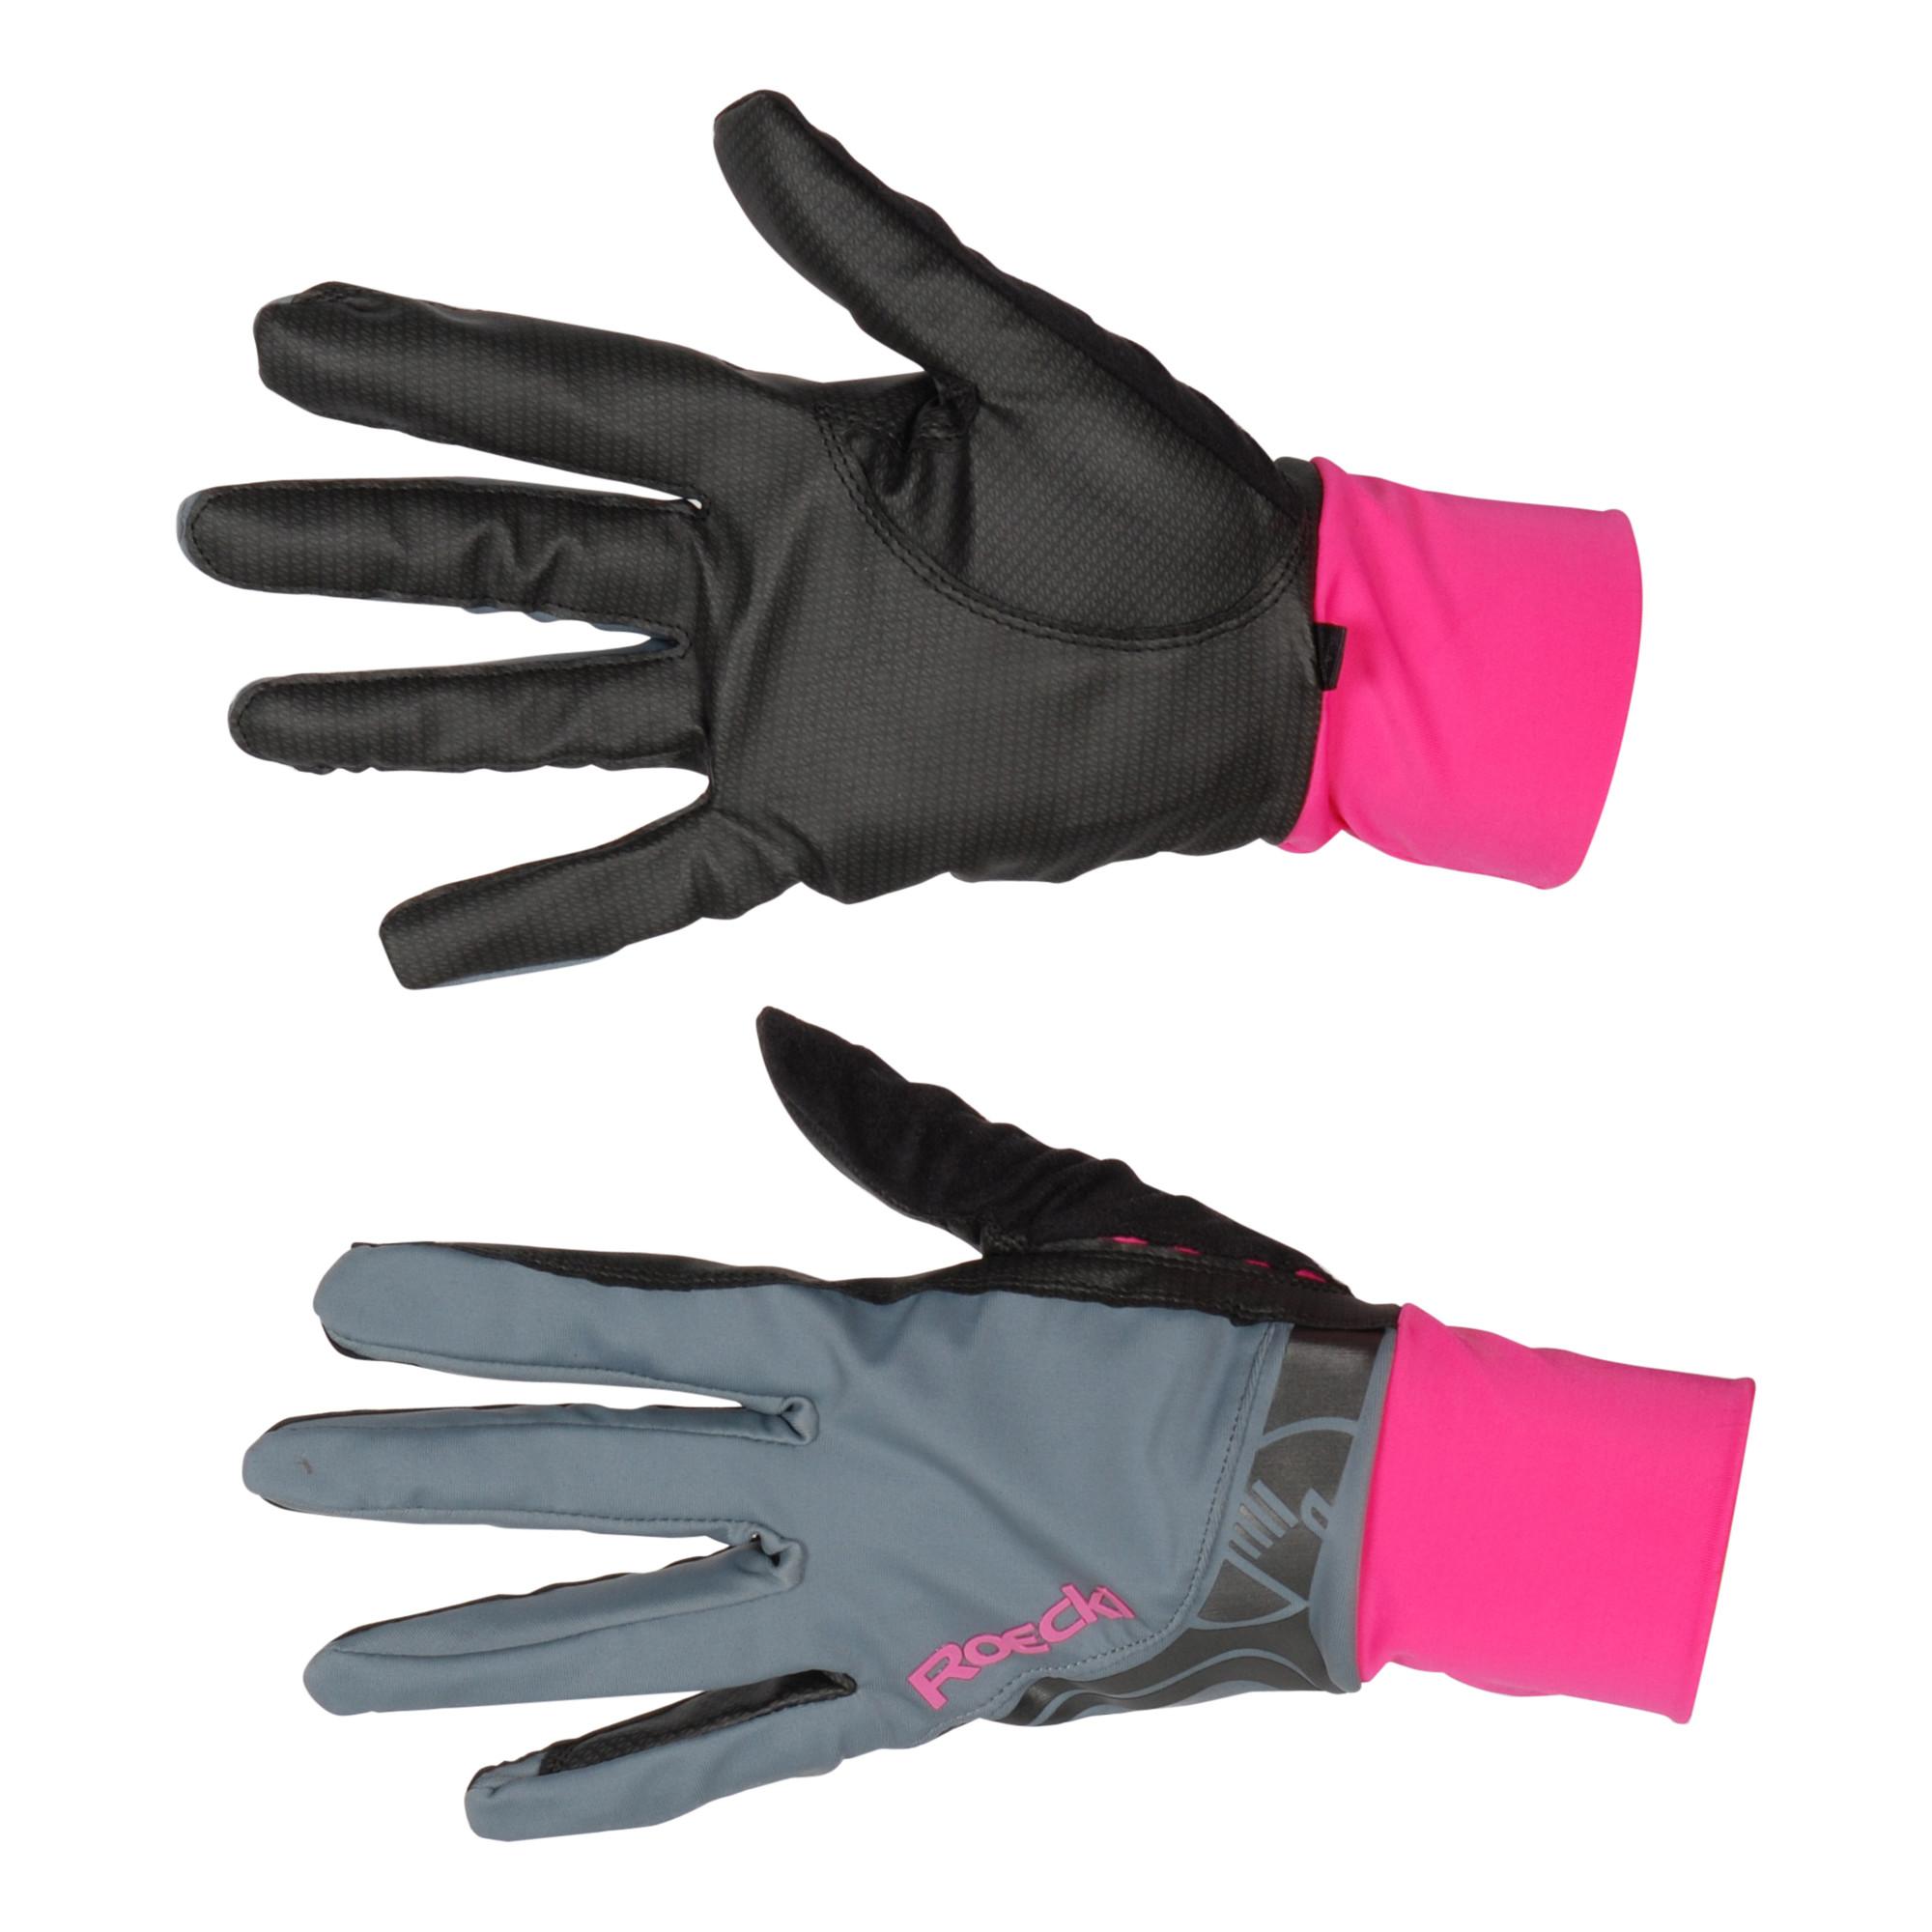 Roeckl Melbourne handschoen grijs maat:8,5